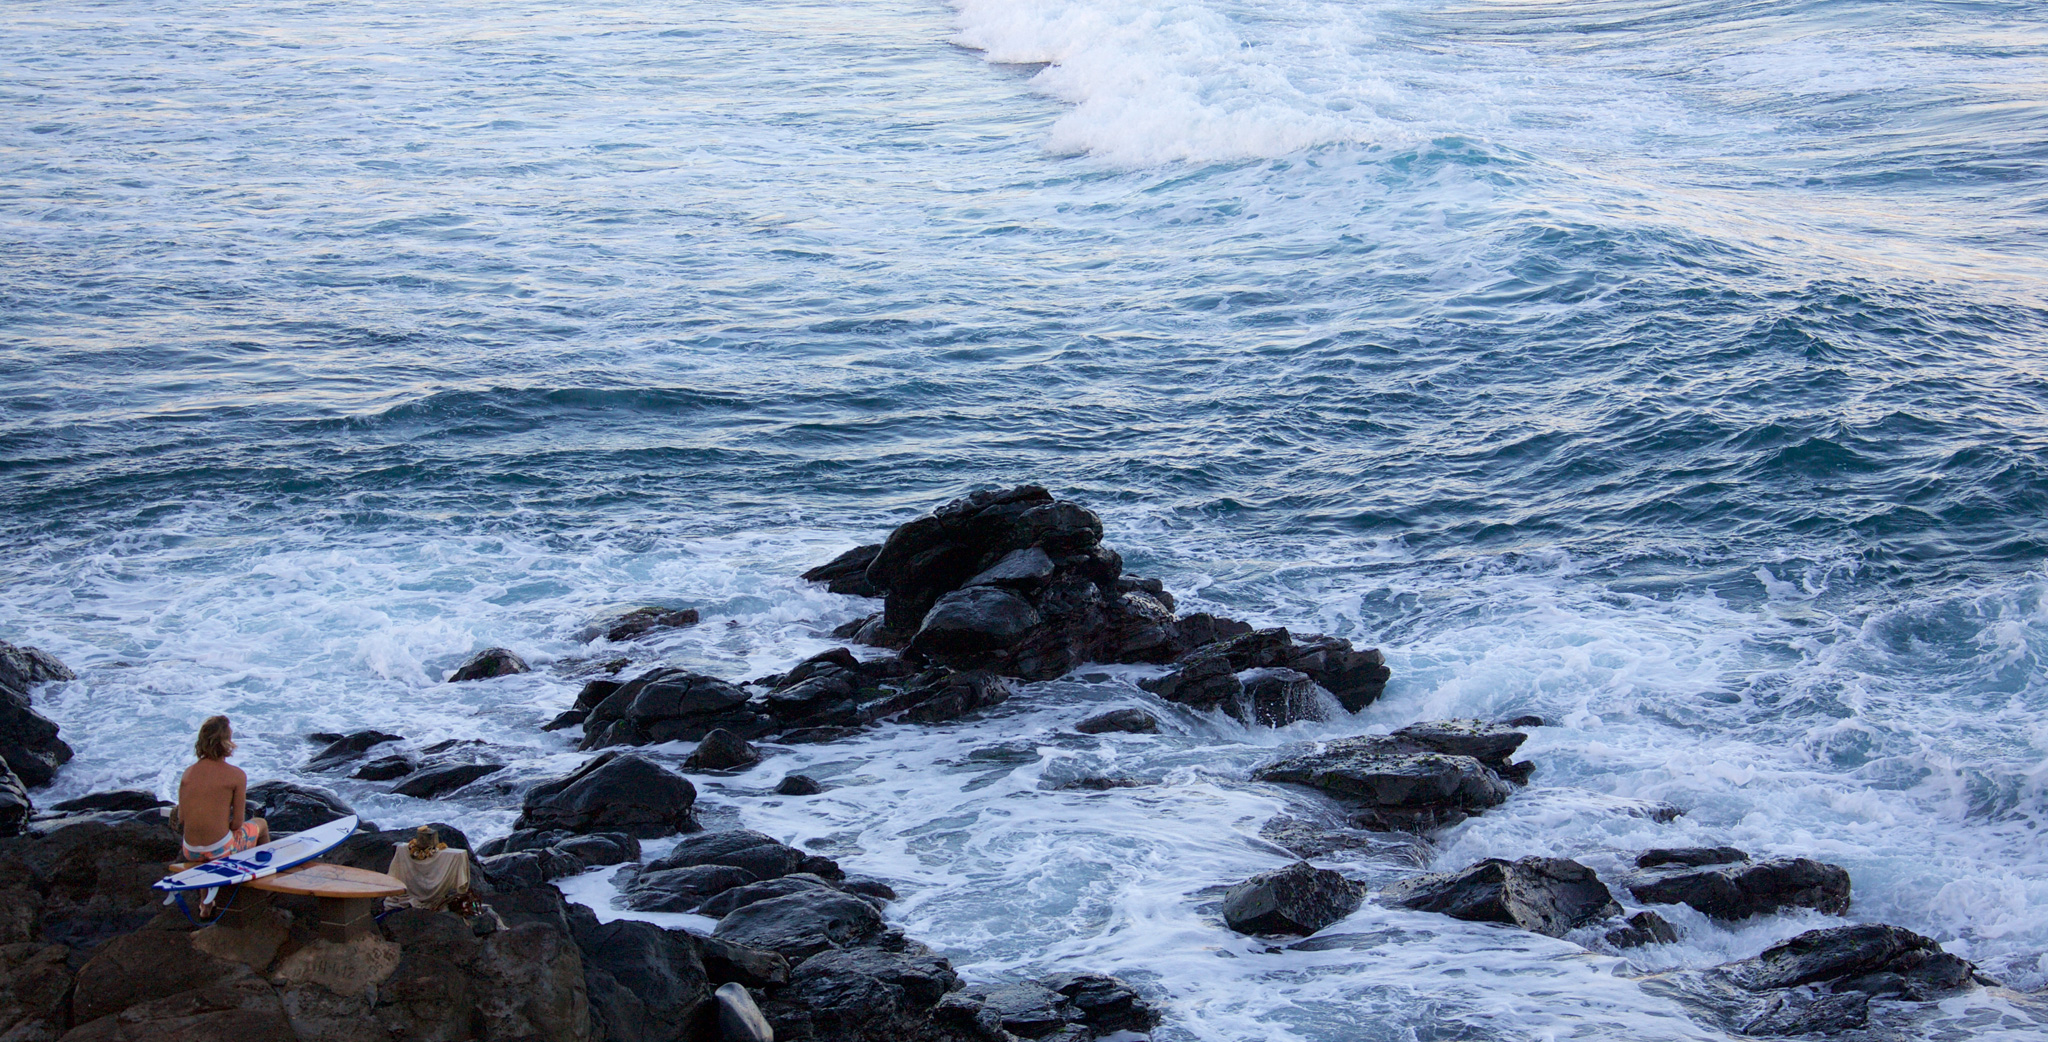 サーフィンは危険?-3